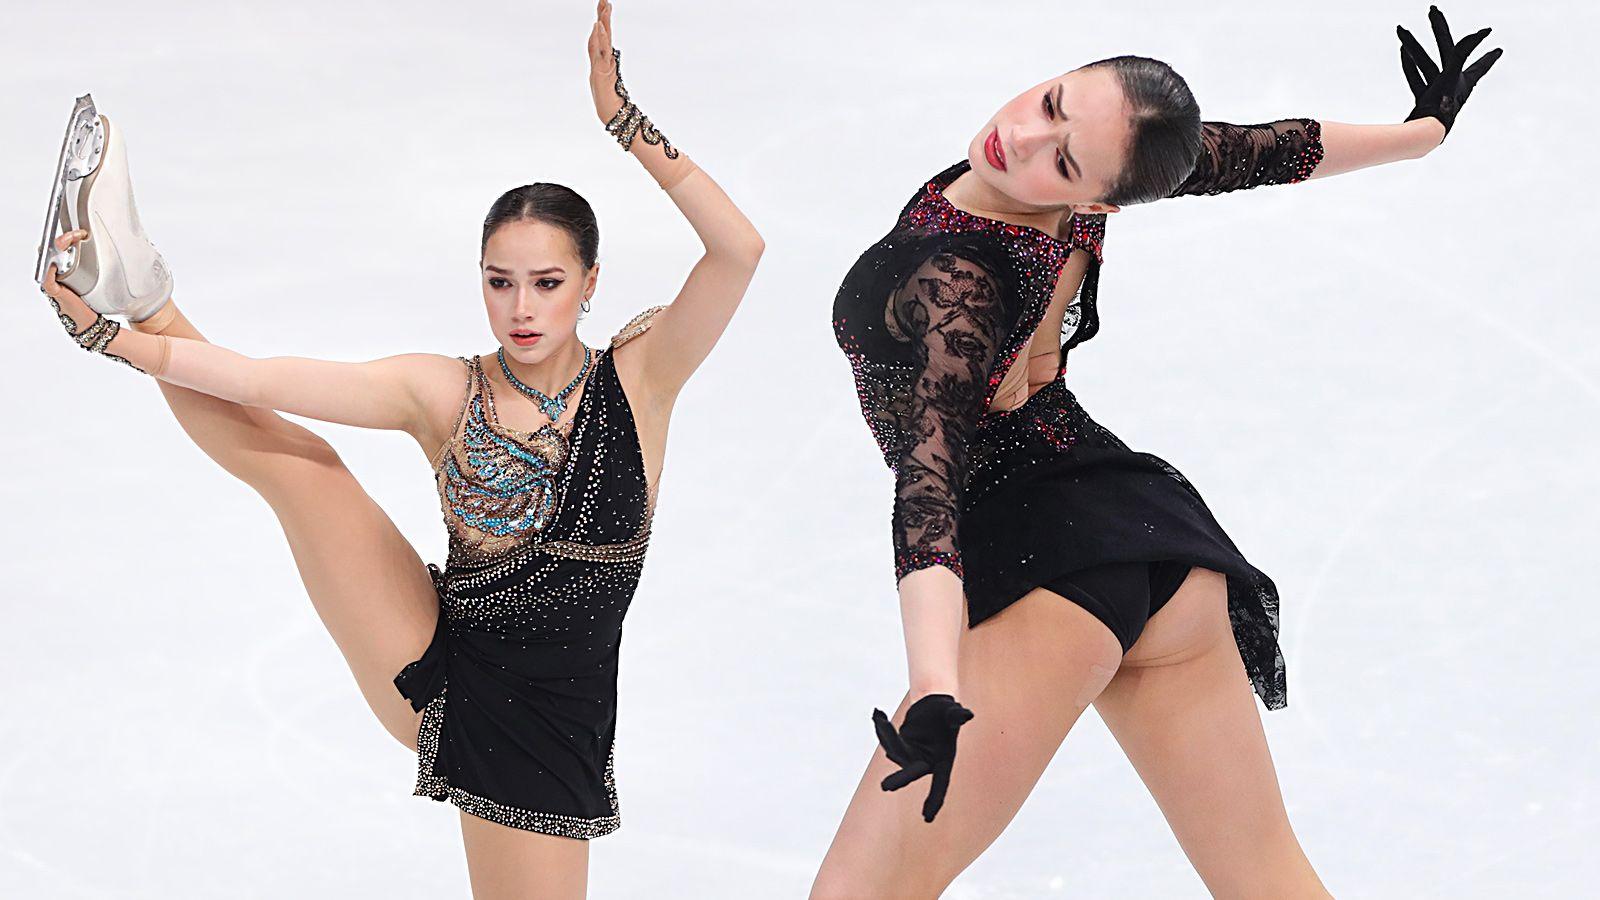 Алина Ильназовна Загитова-3 | Олимпийская чемпионка - Страница 6 3200_2000_max